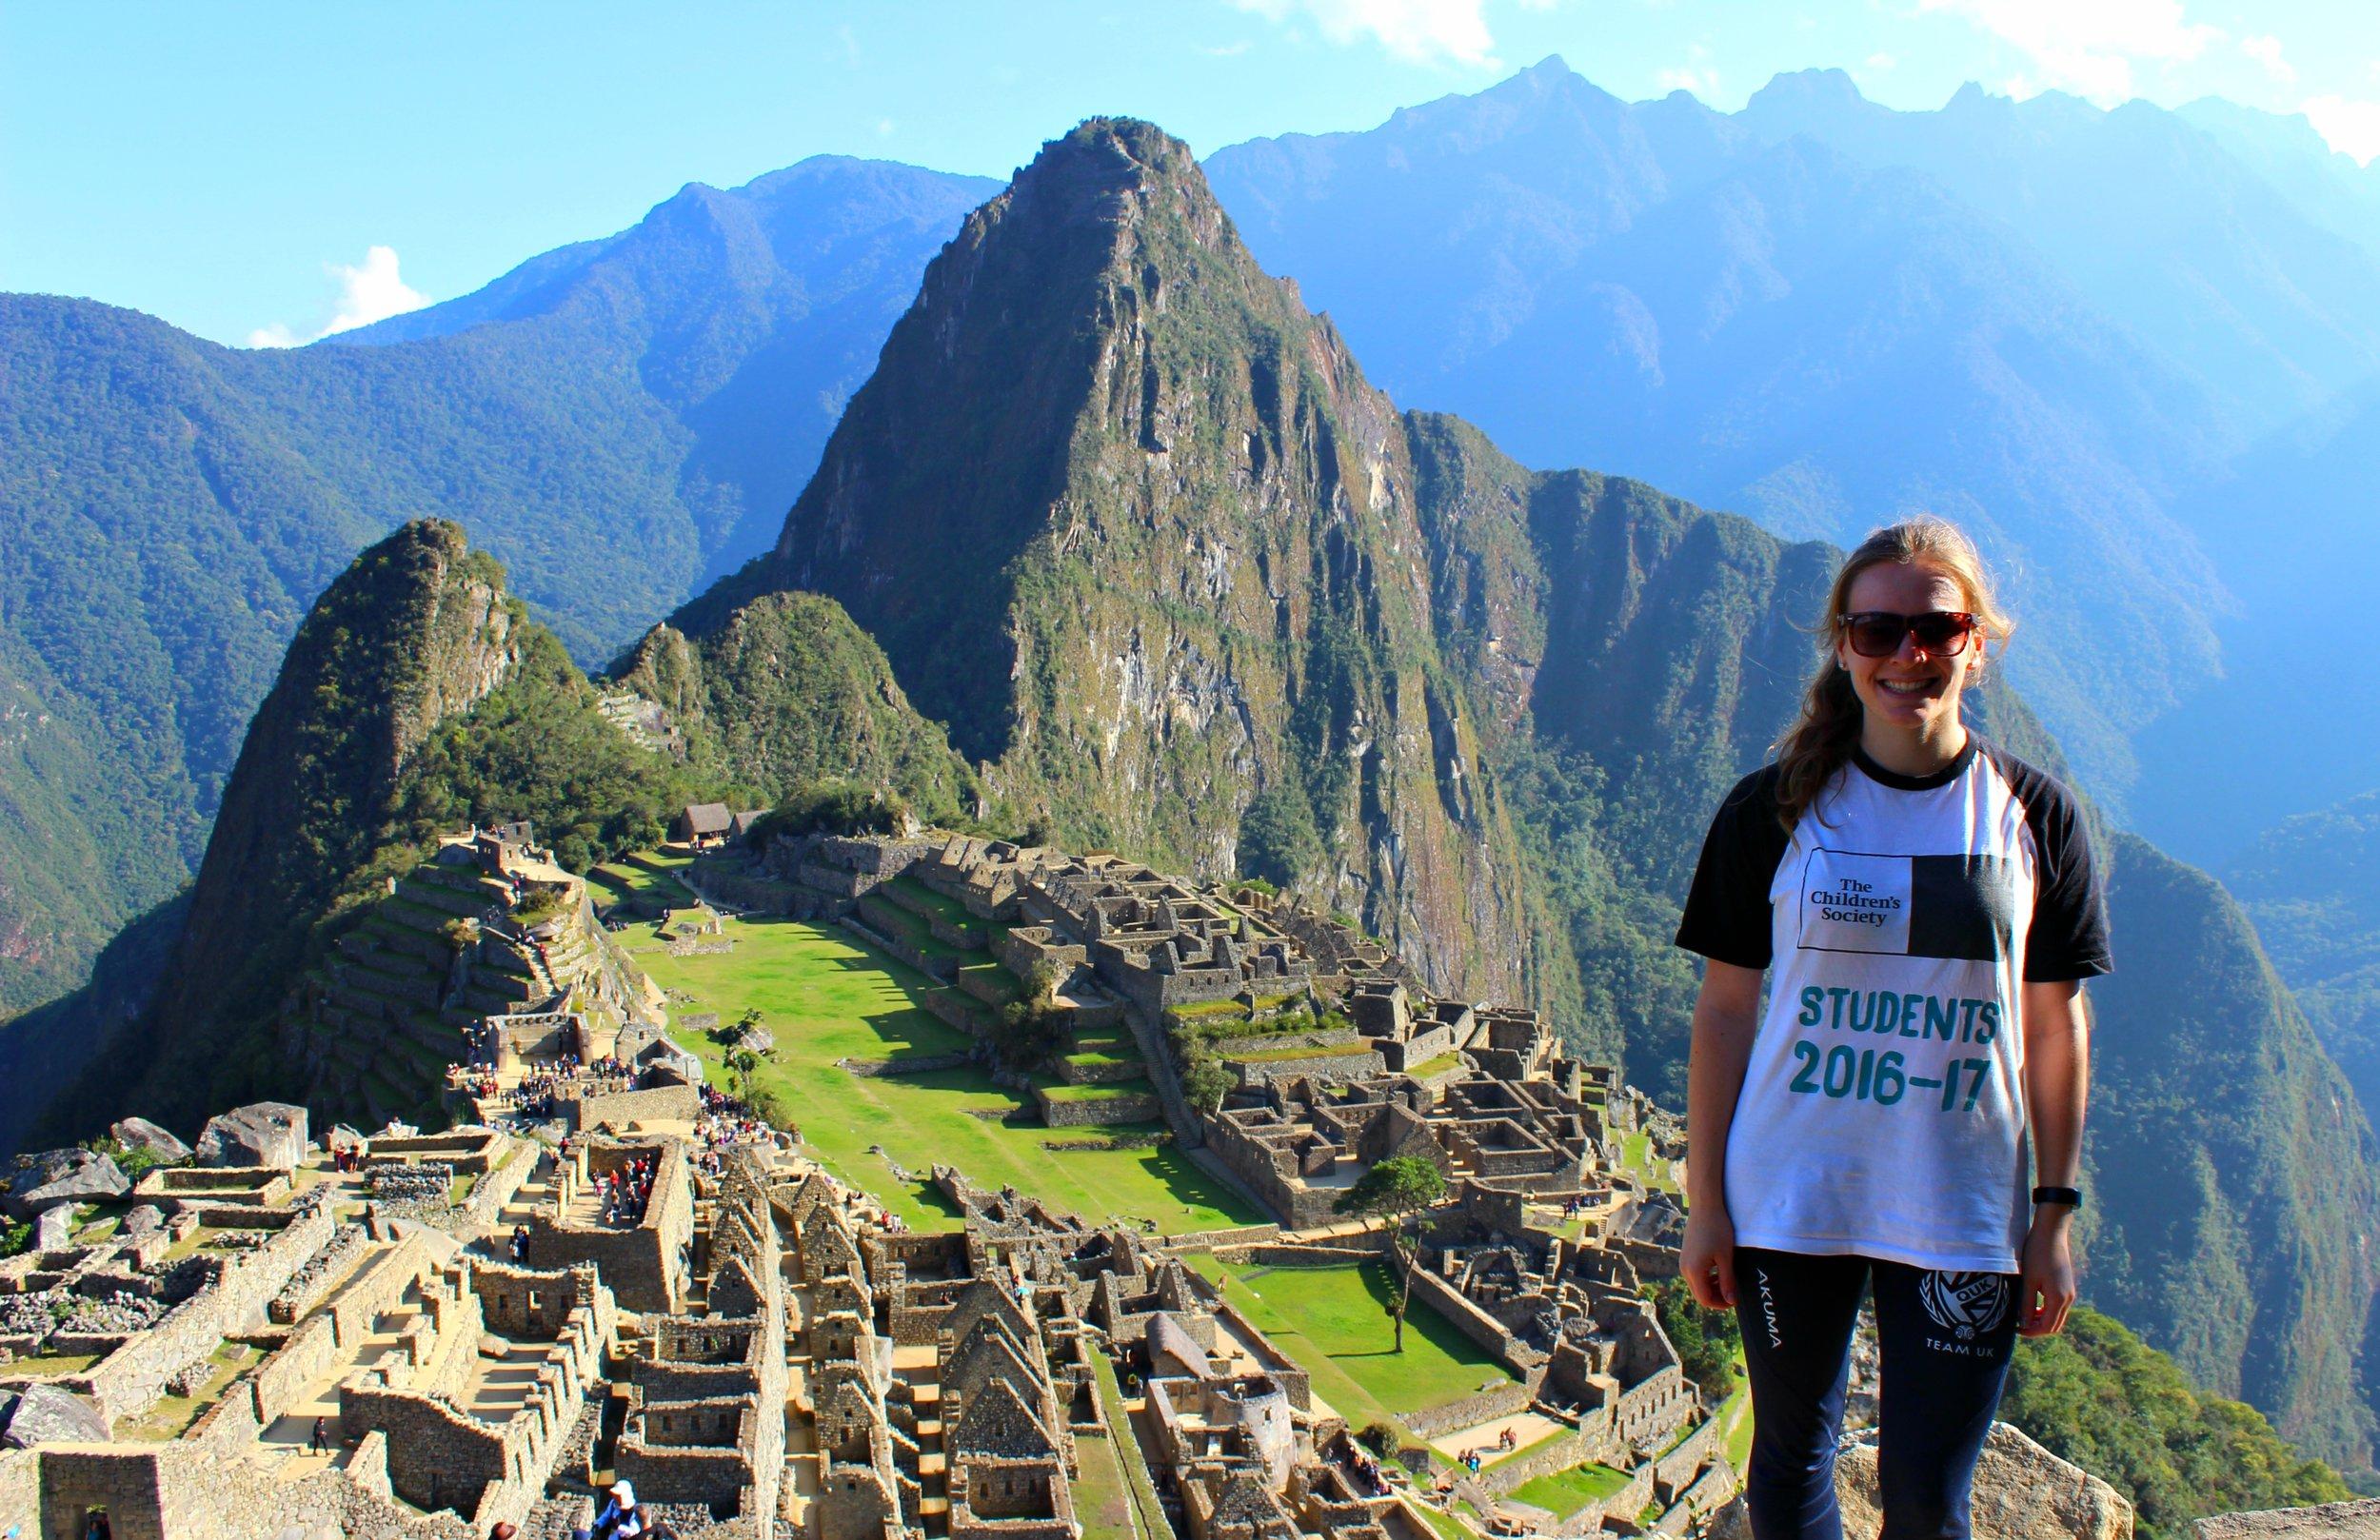 027fa87b7b2f-Machu_Picchu_Picture.jpg